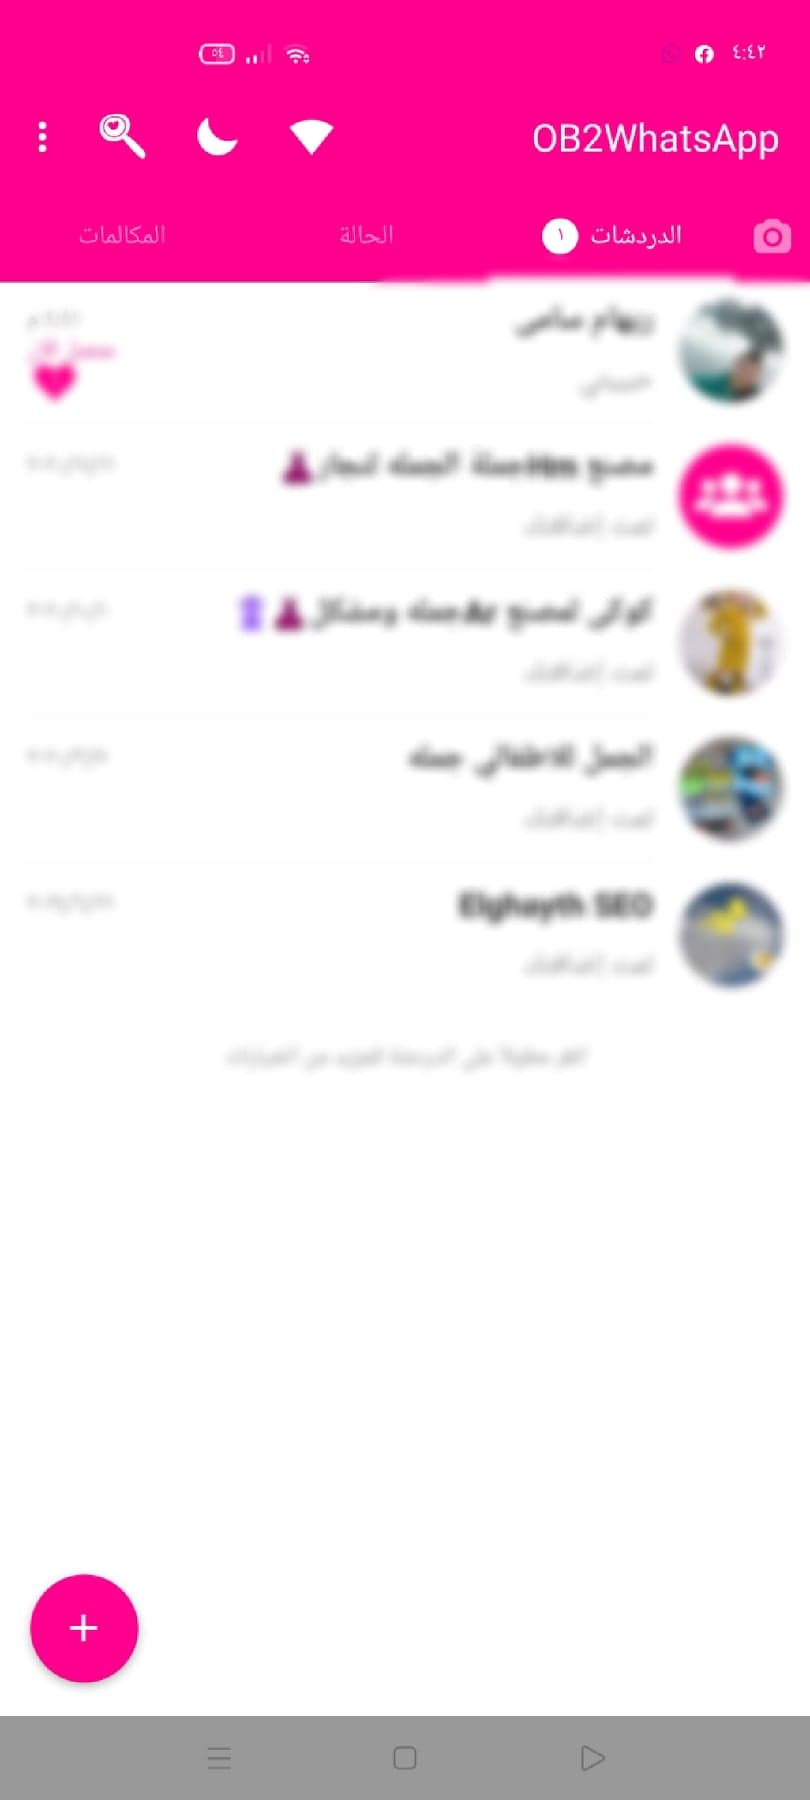 واتساب عمر الوردي 4 واتساب عمر الوردي Obwhatsapp جميع النسخ اخر اصدار 2020 مجانًا للاندرويد